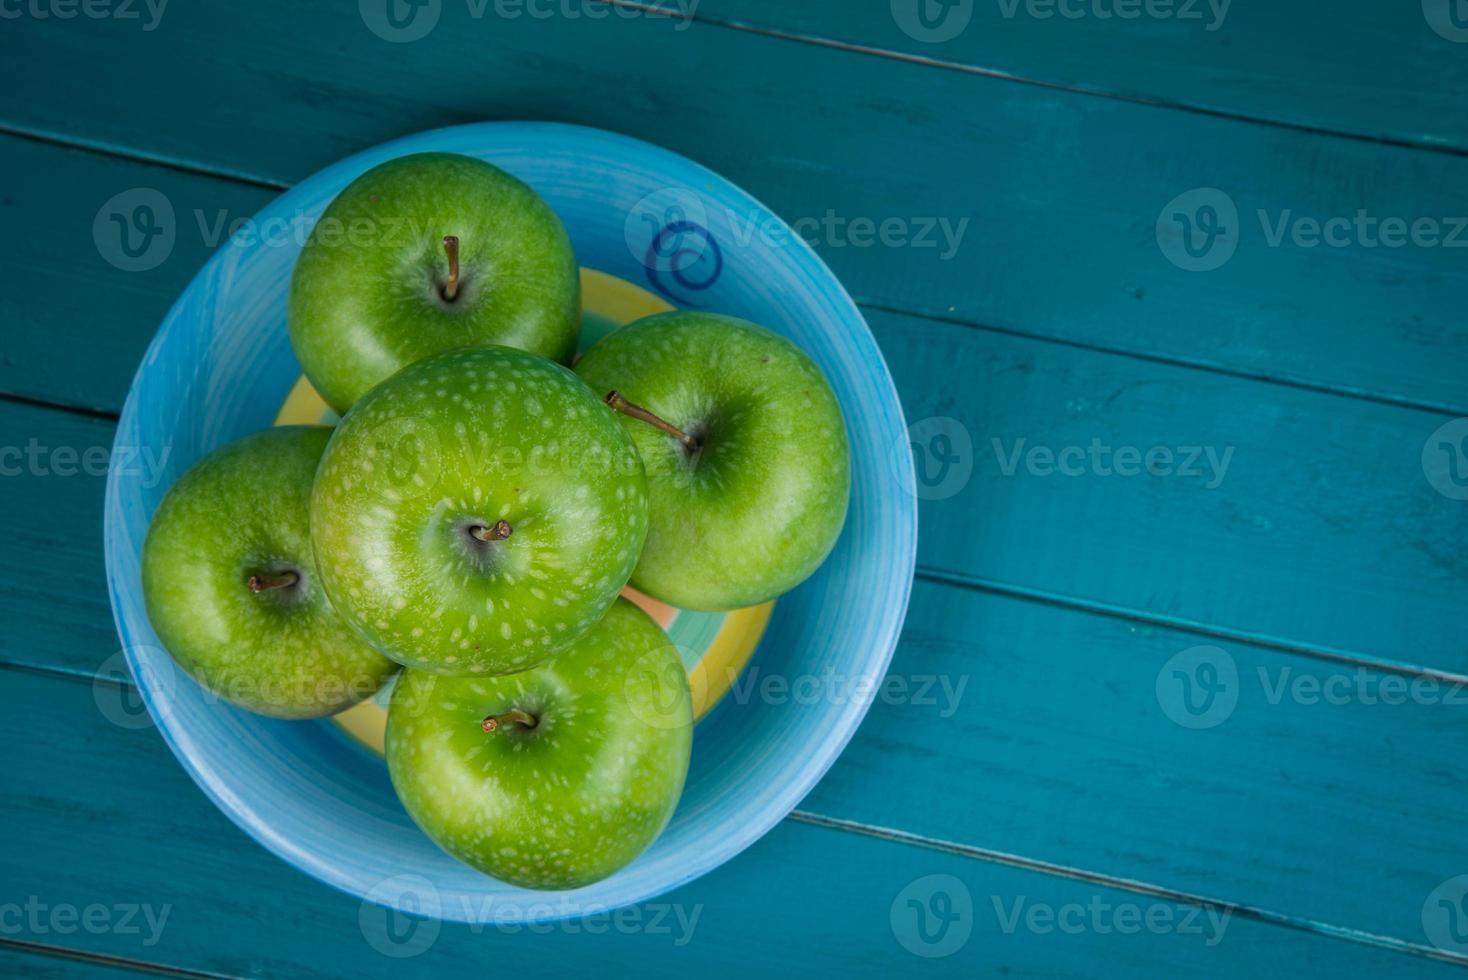 fazenda maçãs orgânicas verdes frescas na mesa azul retrô de madeira foto